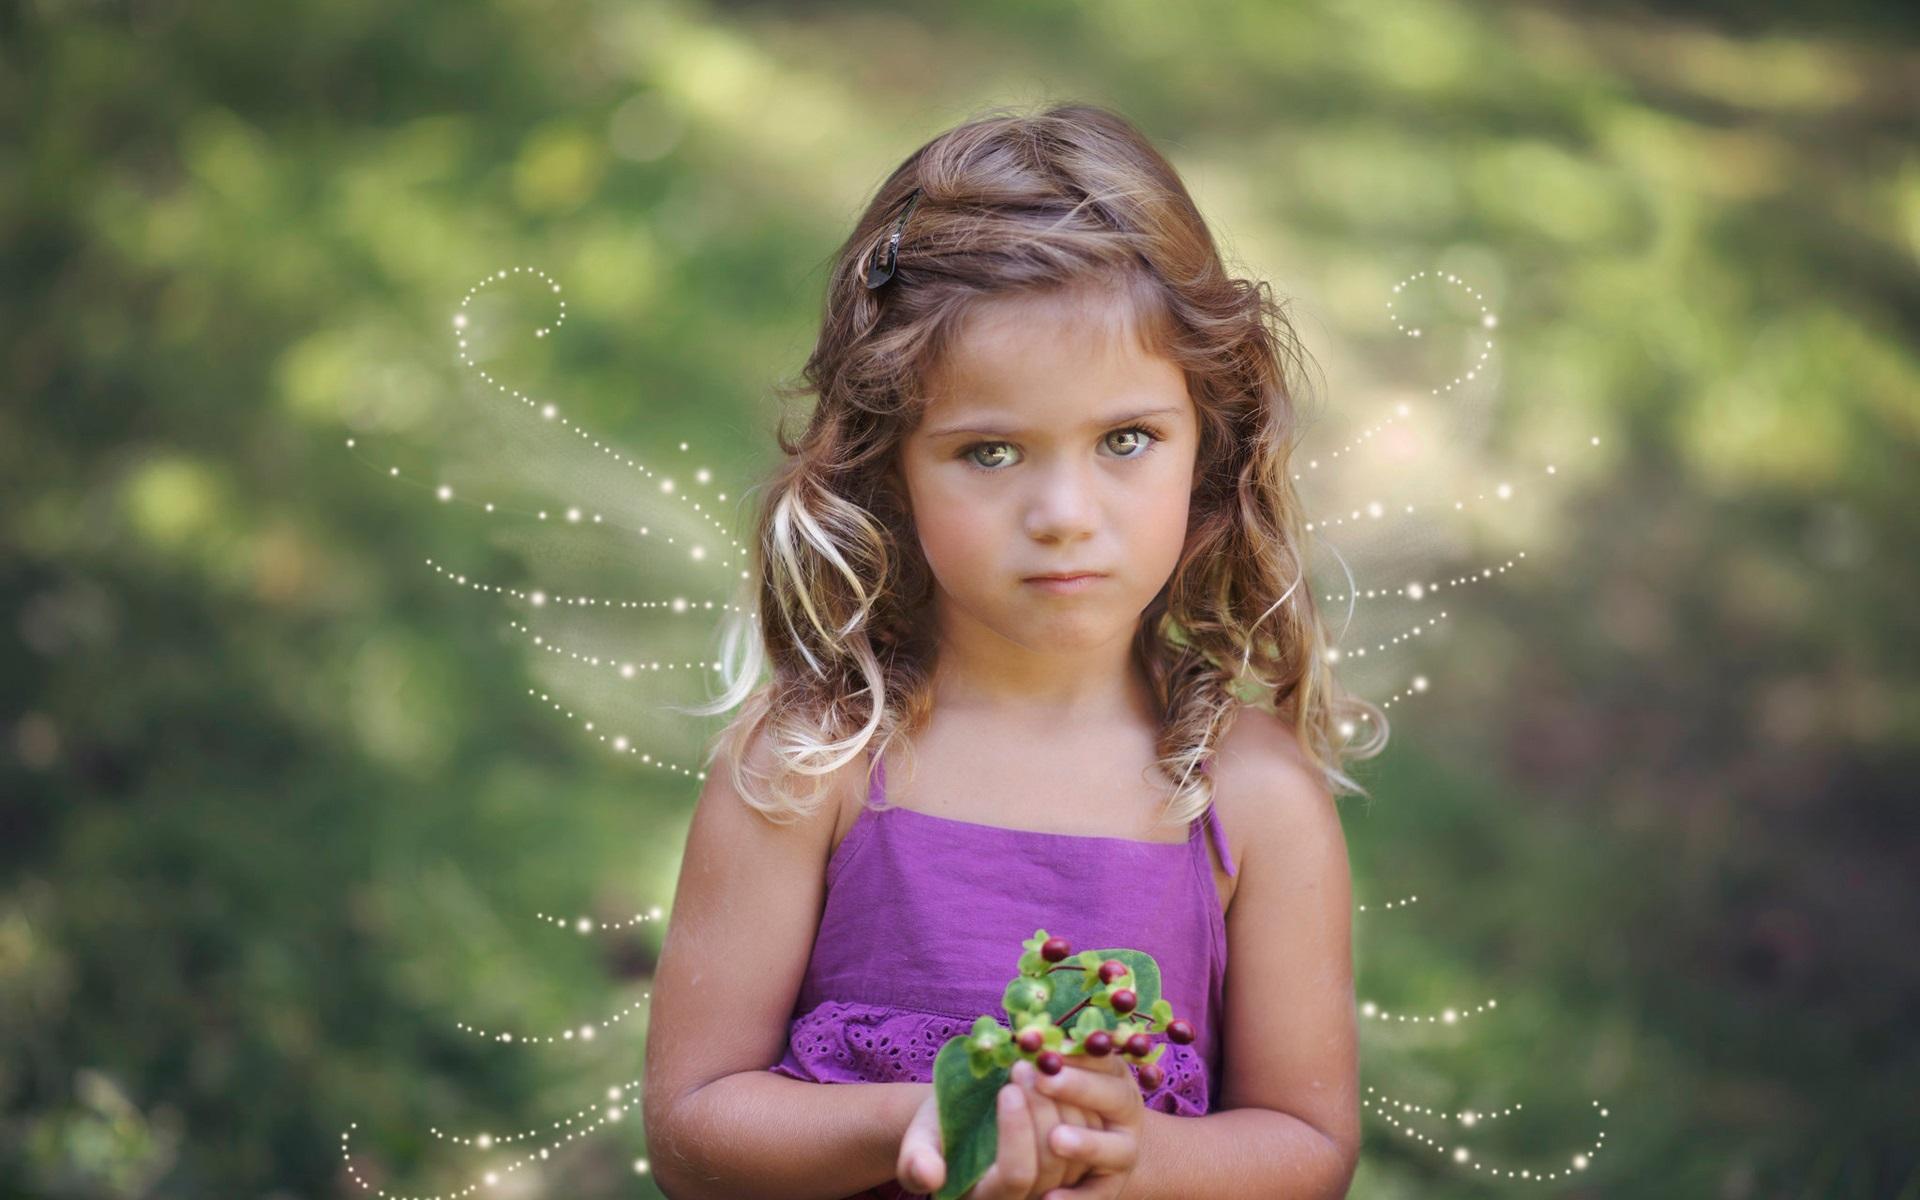 Wallpaper cute little girl wings angel 1920x1200 hd - Cute little girl pic hd ...